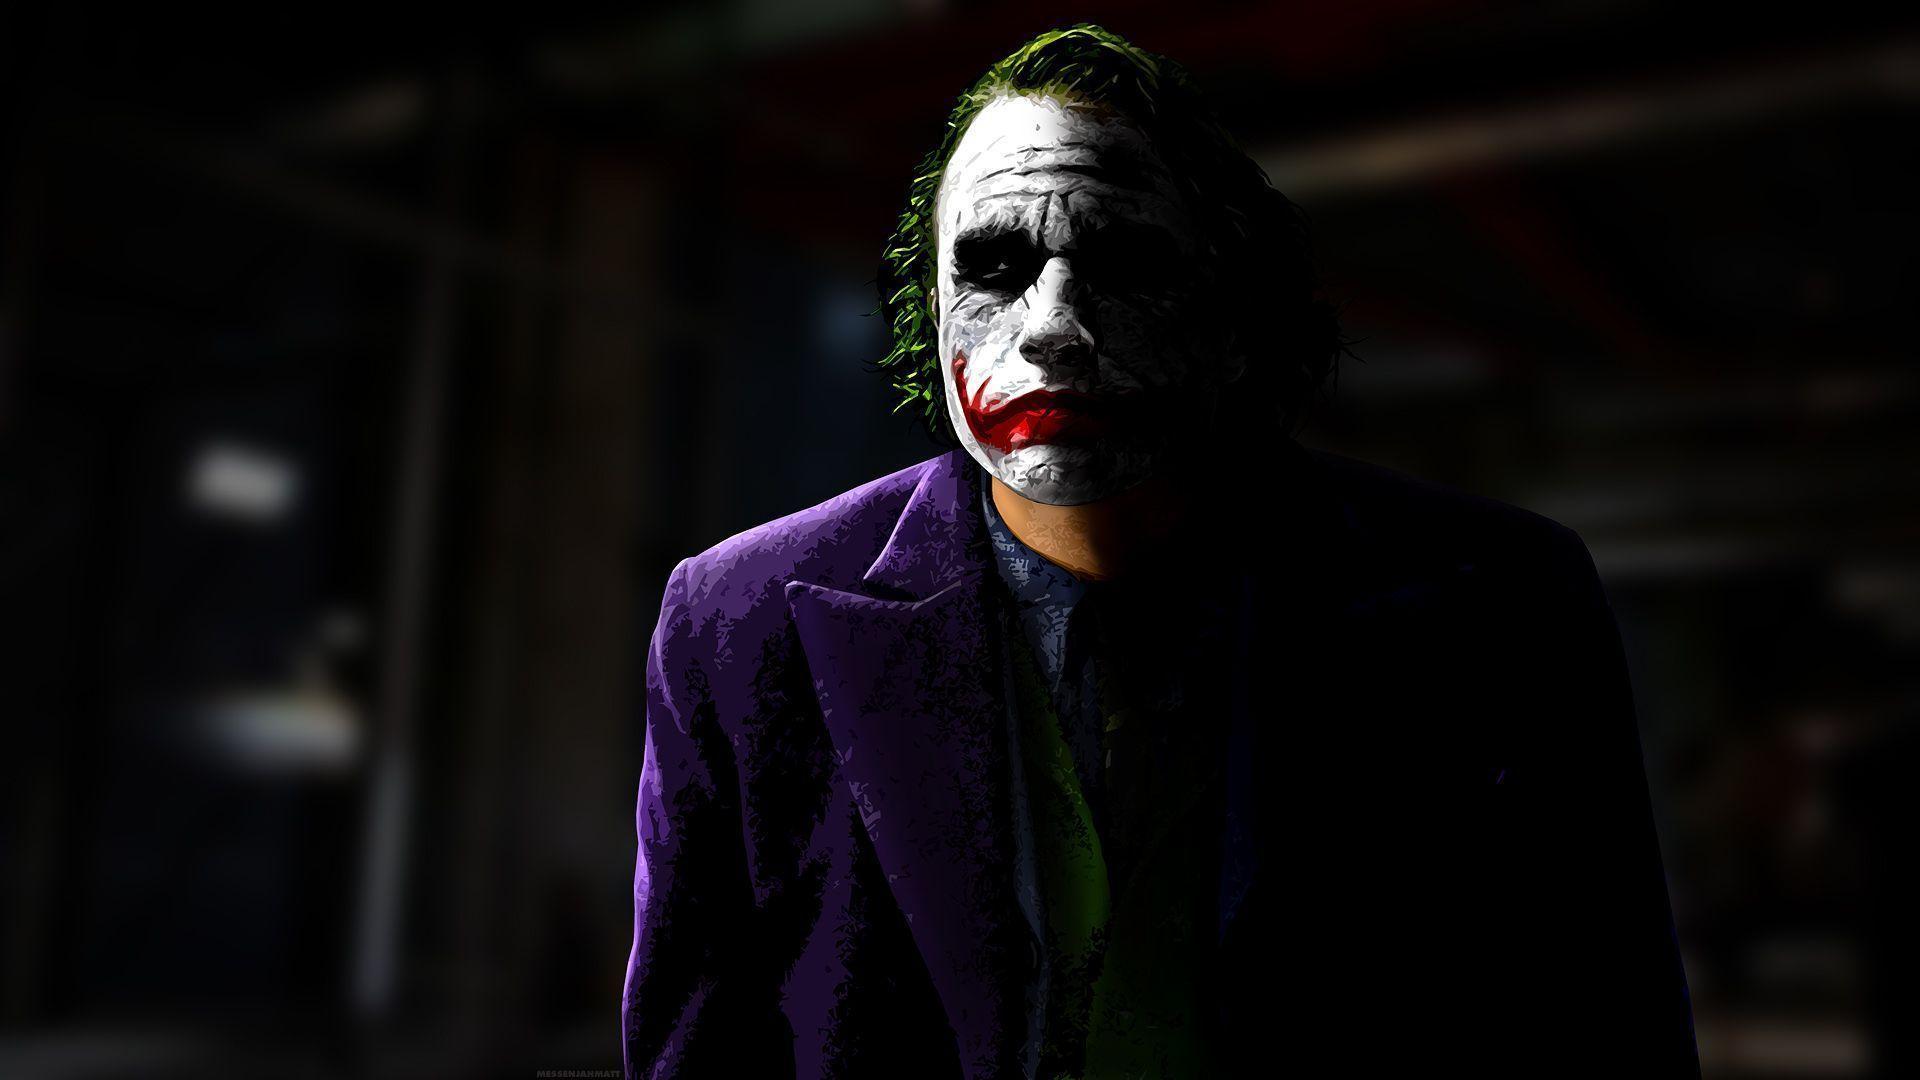 Wallpapers Of Joker Wallpaper Cave